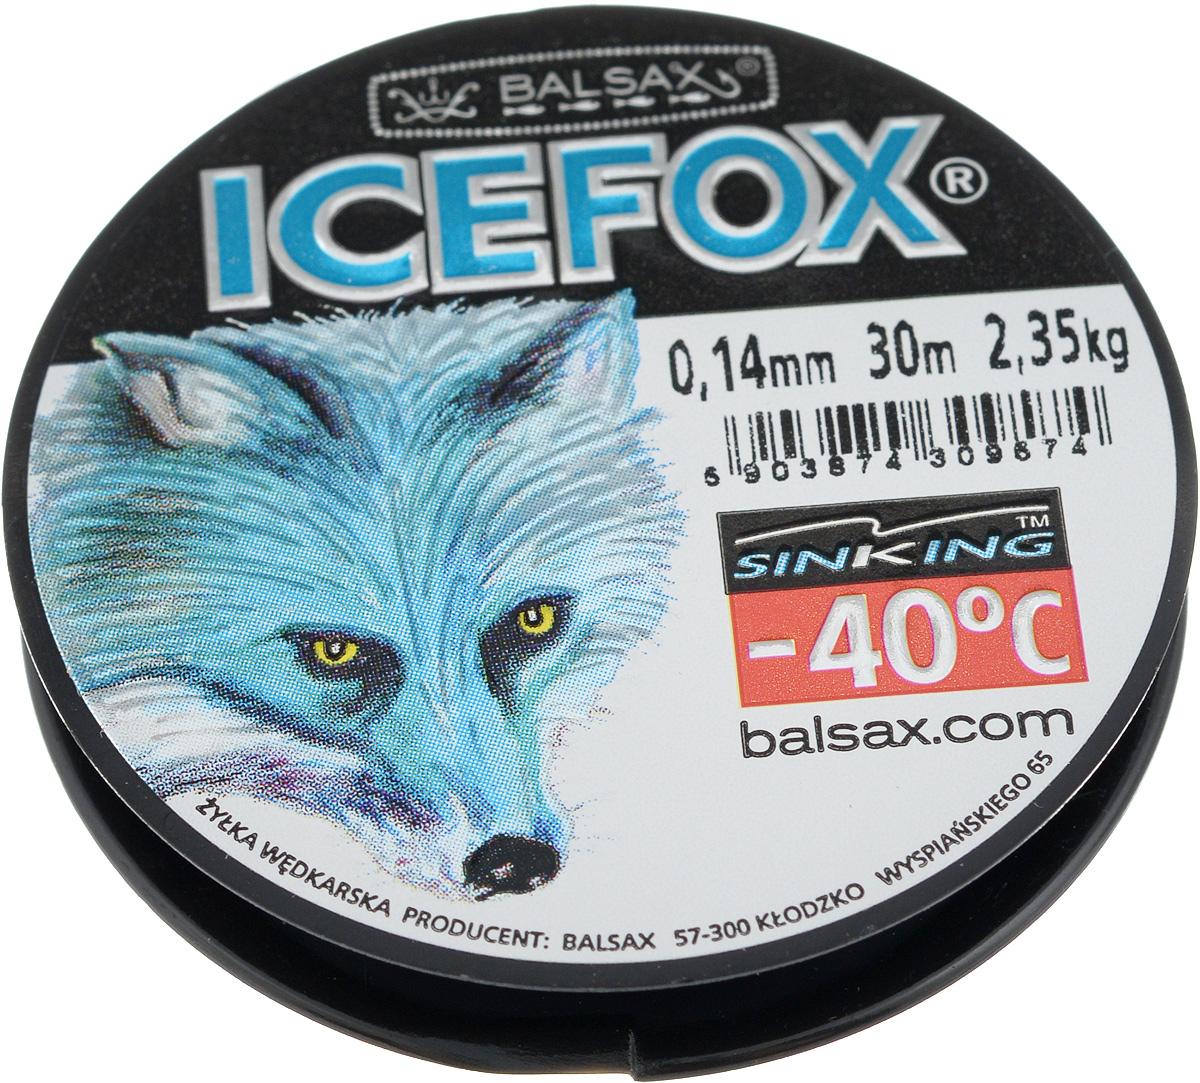 Леска зимняя Balsax Ice Fox, 30 м, 0,14 мм, 2,35 кг310-07014Леска Balsax Ice Fox изготовлена из 100% нейлона и очень хорошо выдерживает низкие температуры. Даже в самом холодном климате, при температуре вплоть до -40°C, она сохраняет свои свойства практически без изменений, в то время как традиционные лески становятся менее эластичными и теряют прочность. Поверхность лески обработана таким образом, что она не обмерзает и отлично подходит для подледного лова. Прочна в местах вязки узлов даже при минимальном диаметре.